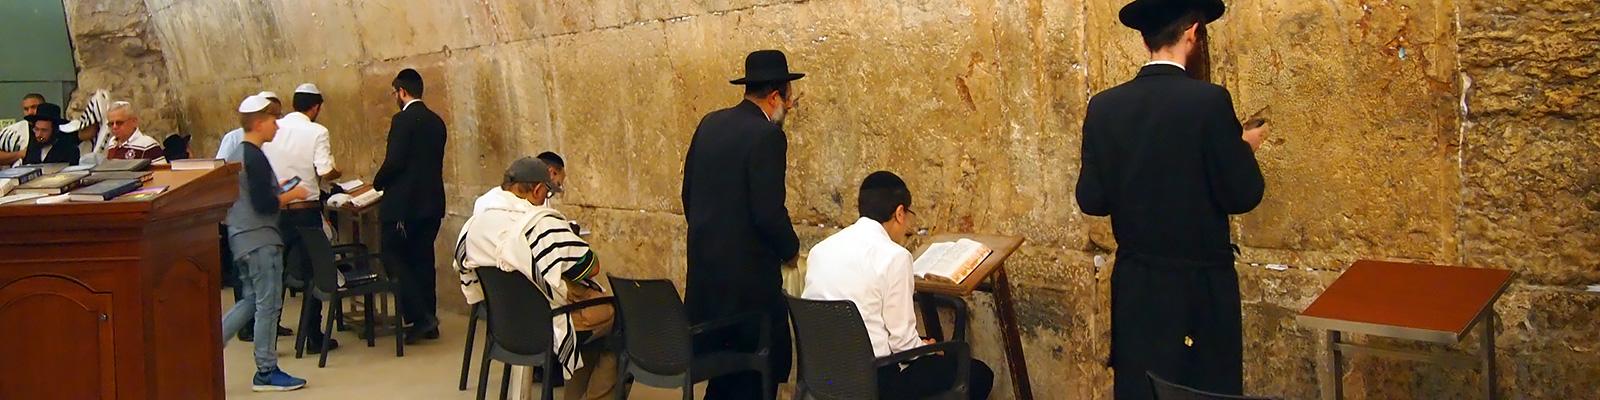 エルサレムの嘆きの壁(屋内部)